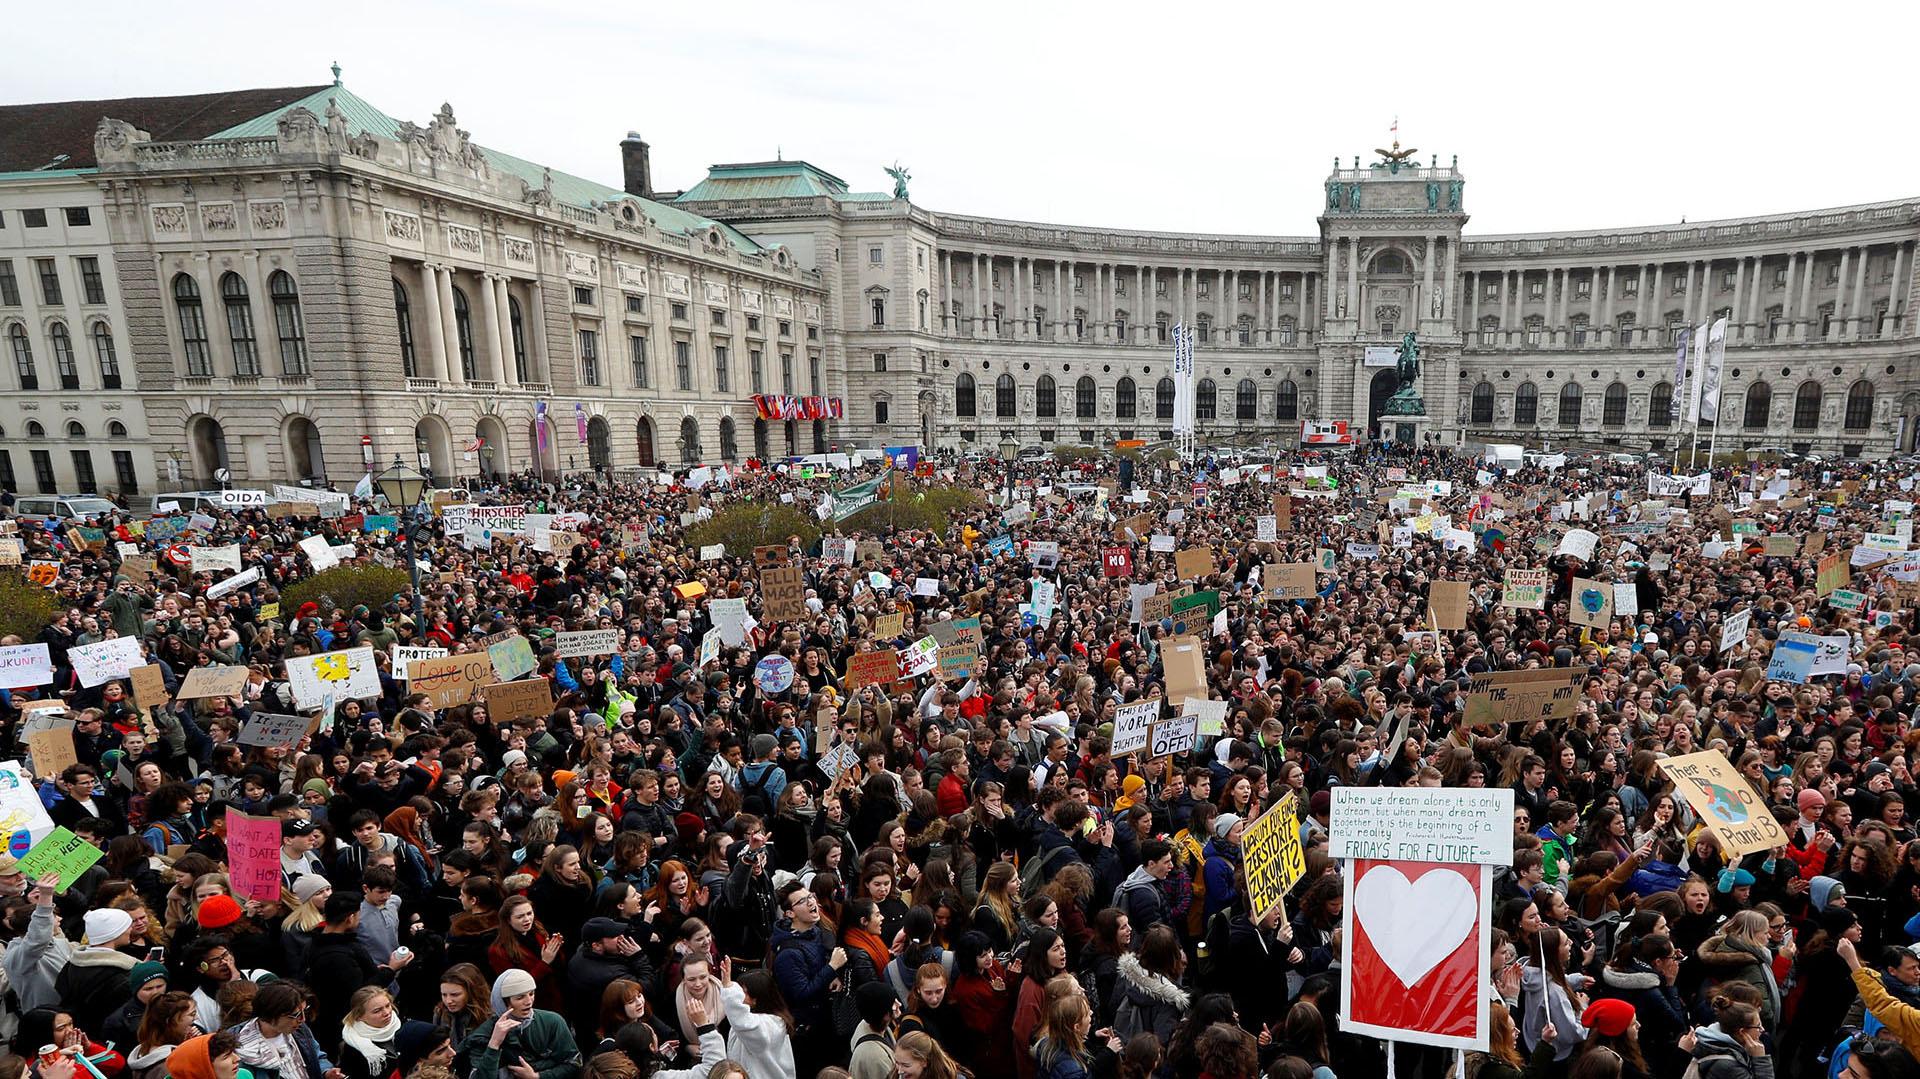 Jóvenes se manifiestan por el cambio climático durante la huelga escolar Viernes para el futuro, en Heldenplatz, Viena (REUTERS)